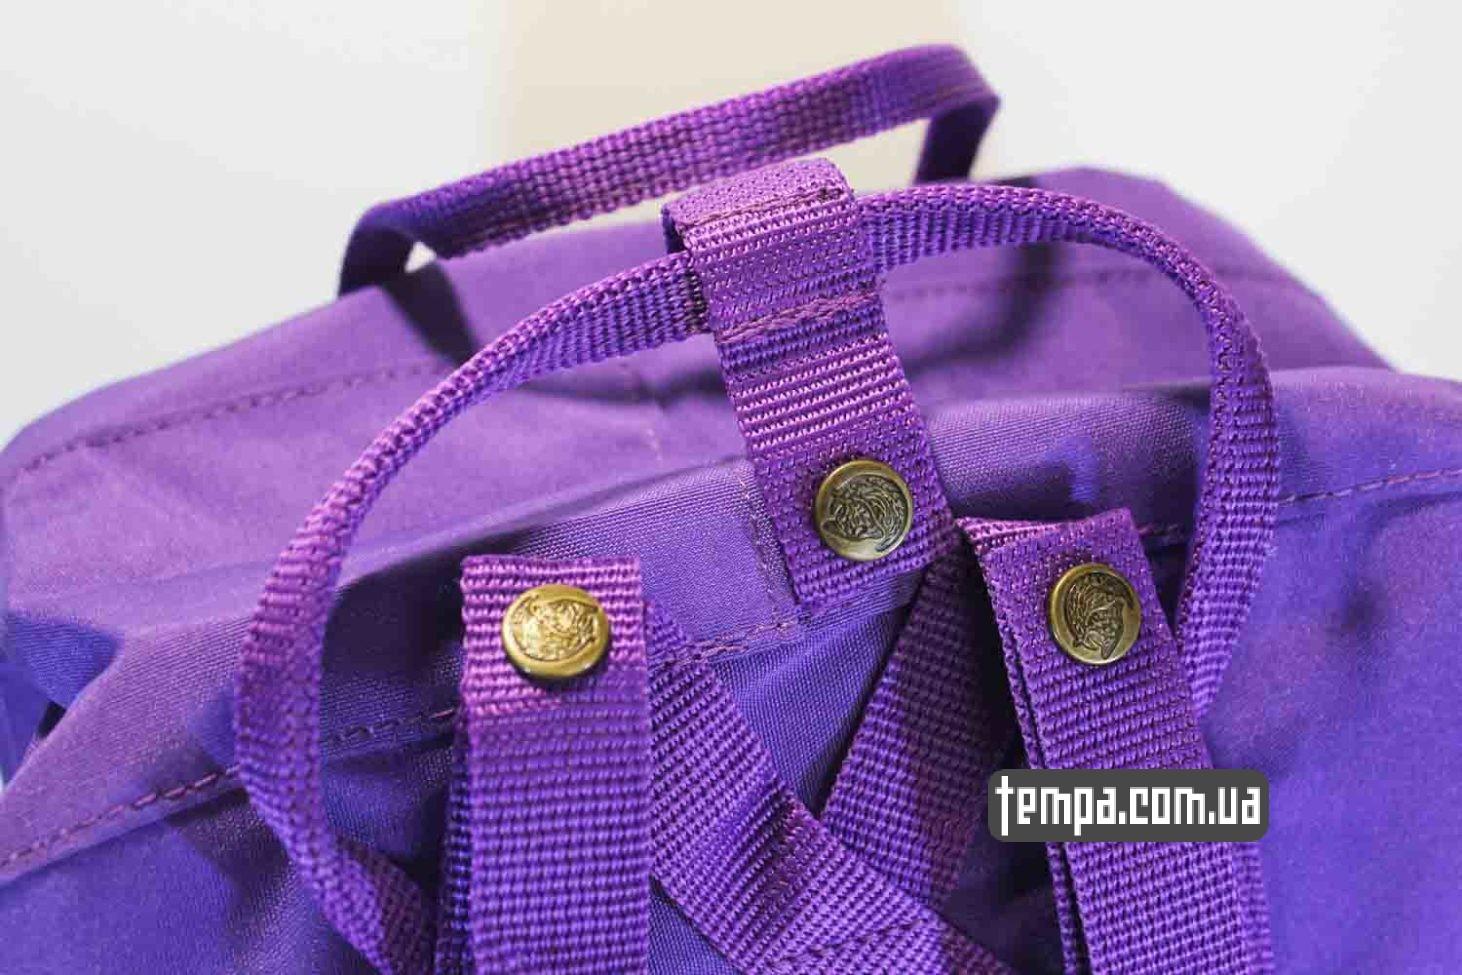 канкены с лисичкой рюкзак re kanken fjallraven purple сиреневый фиолетовый